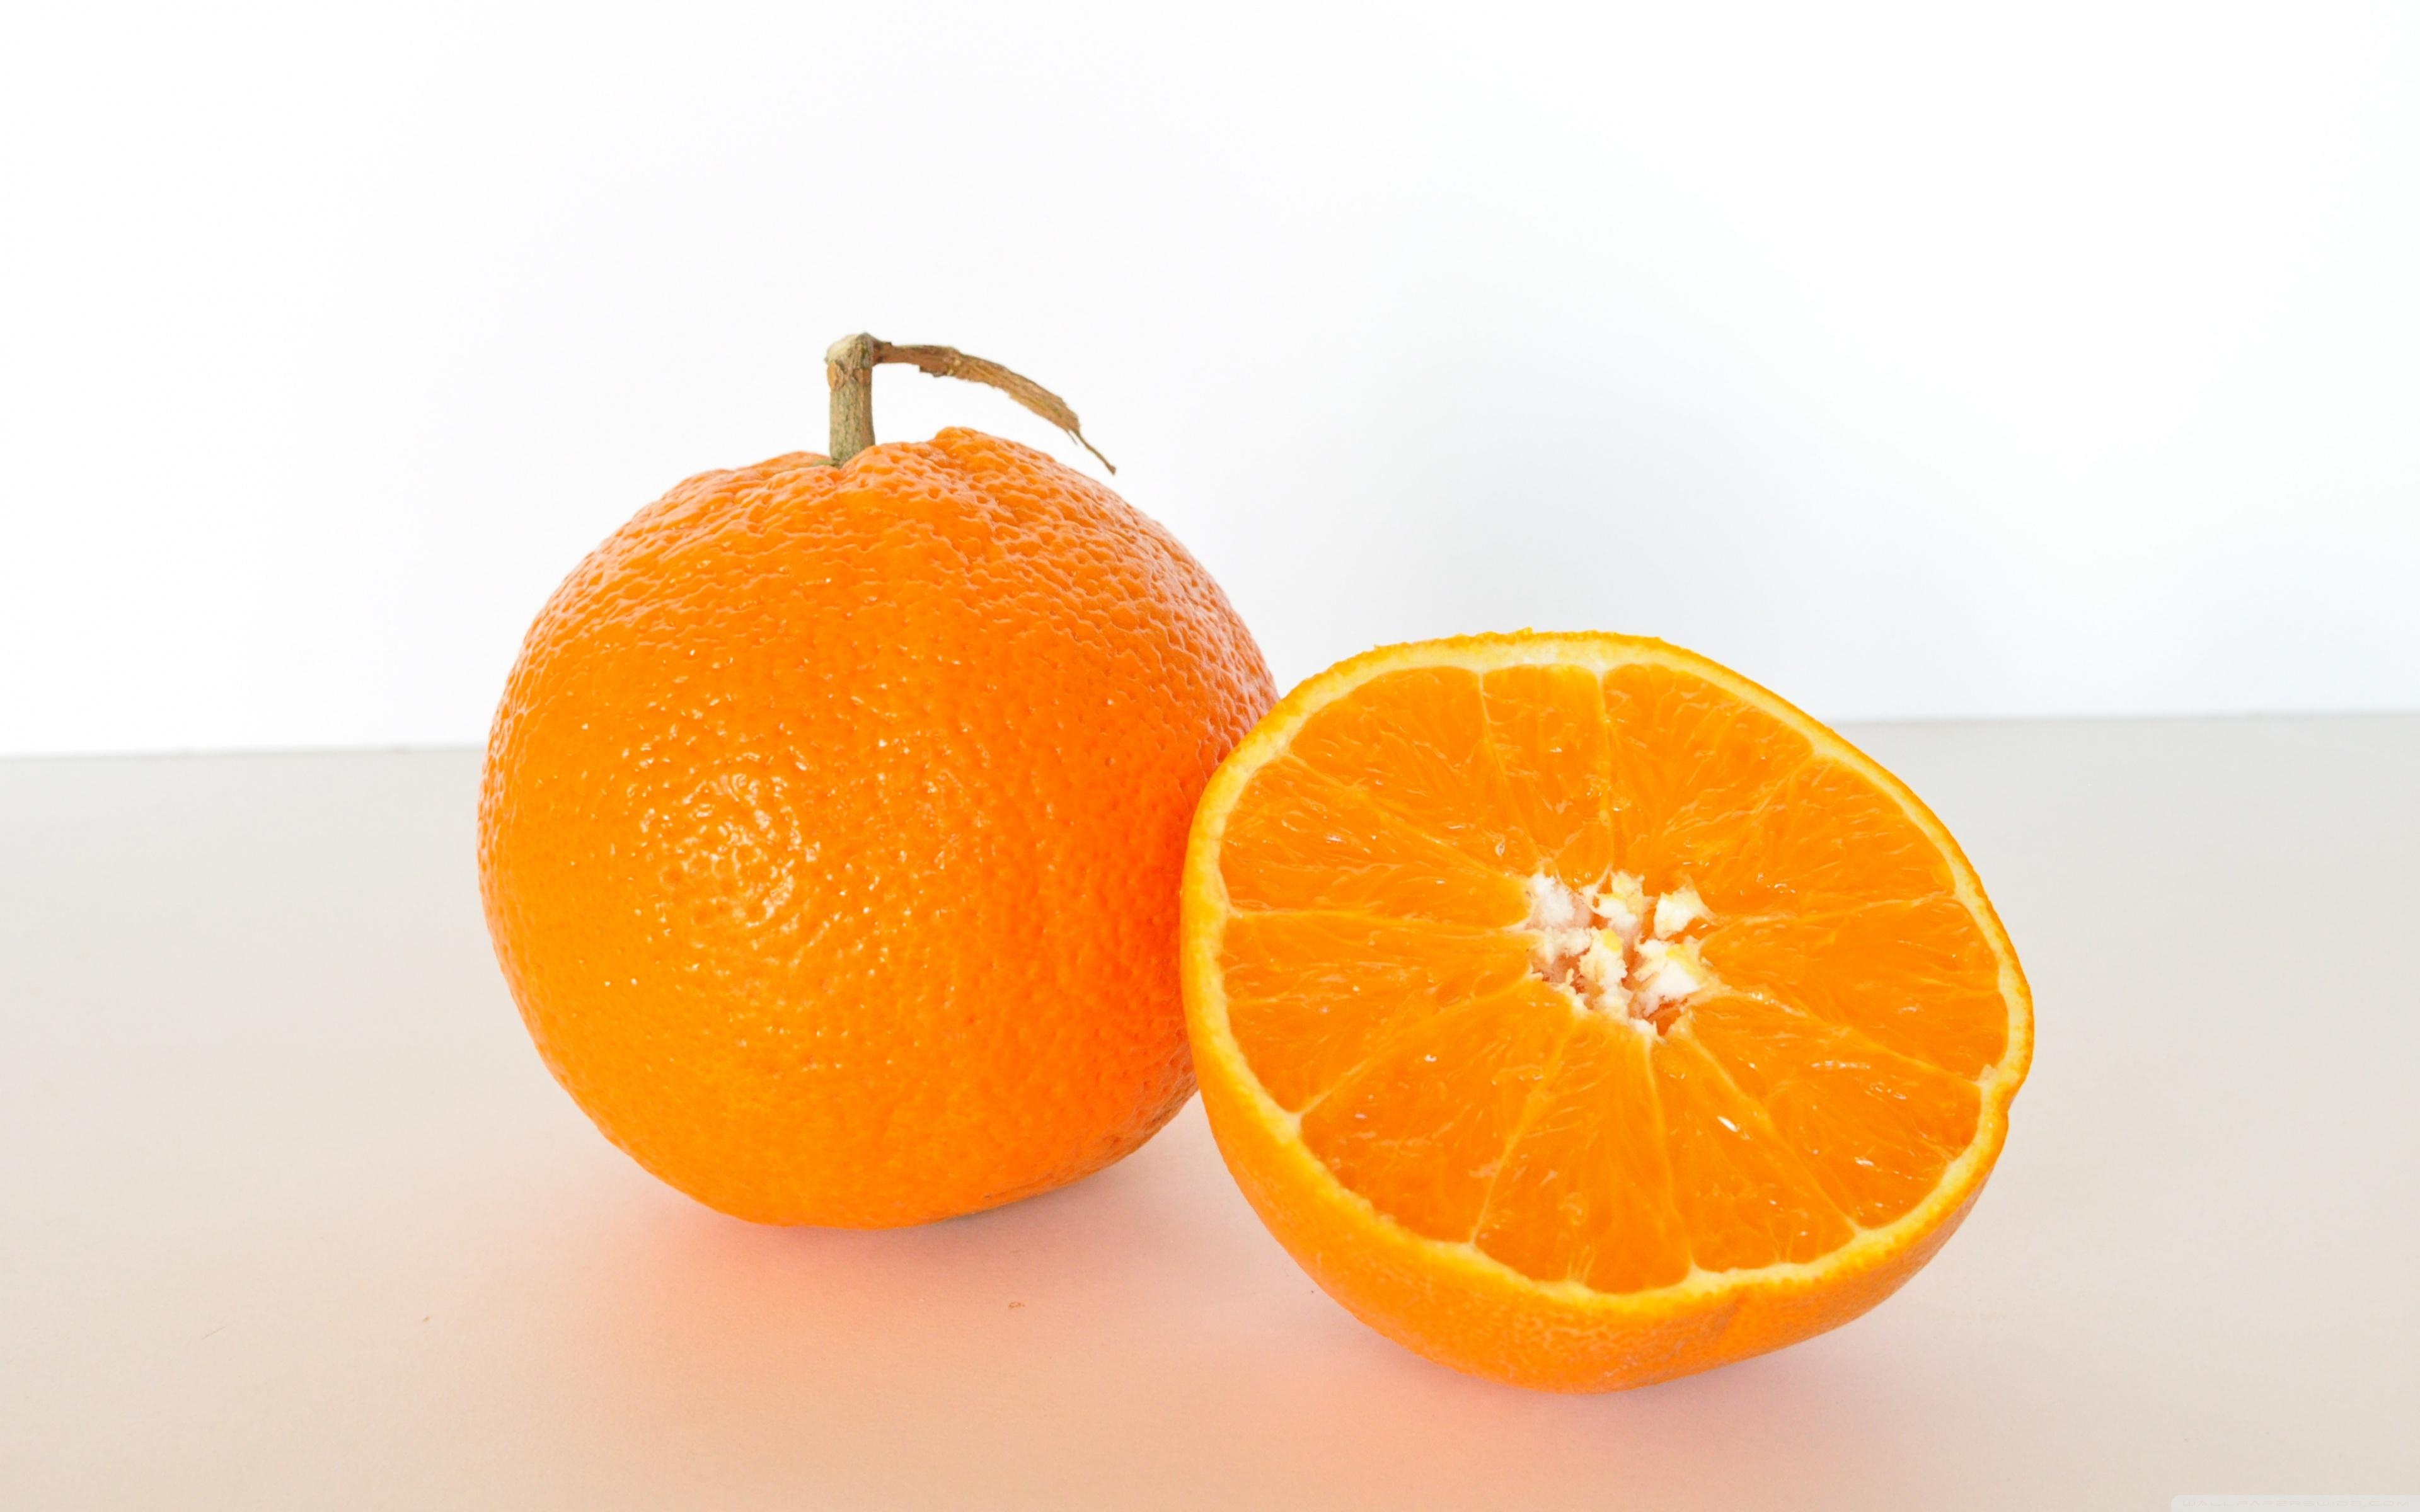 Orange Fruit 4K HD Desktop Wallpaper for 4K Ultra HD TV Wide 3840x2400